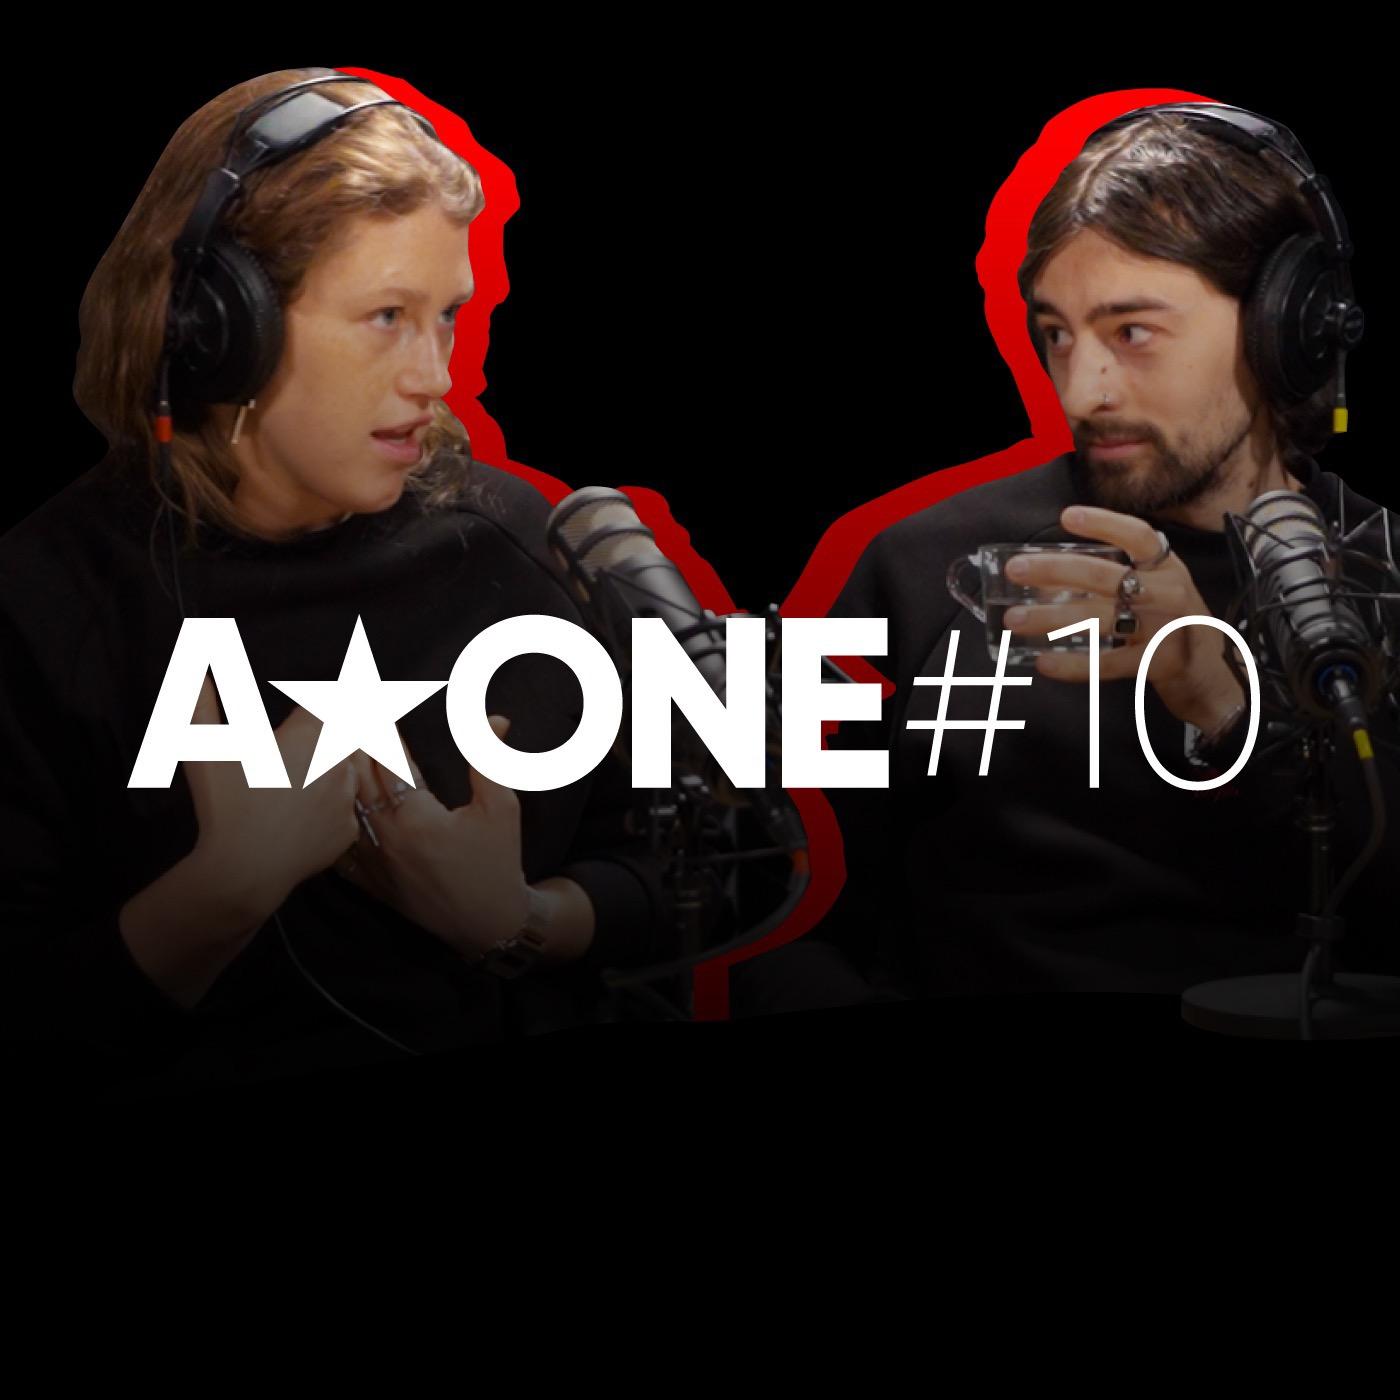 Podcast #10 – насилие в кино. Гости выпуска Варя Шмыкова и Макс Шишкин